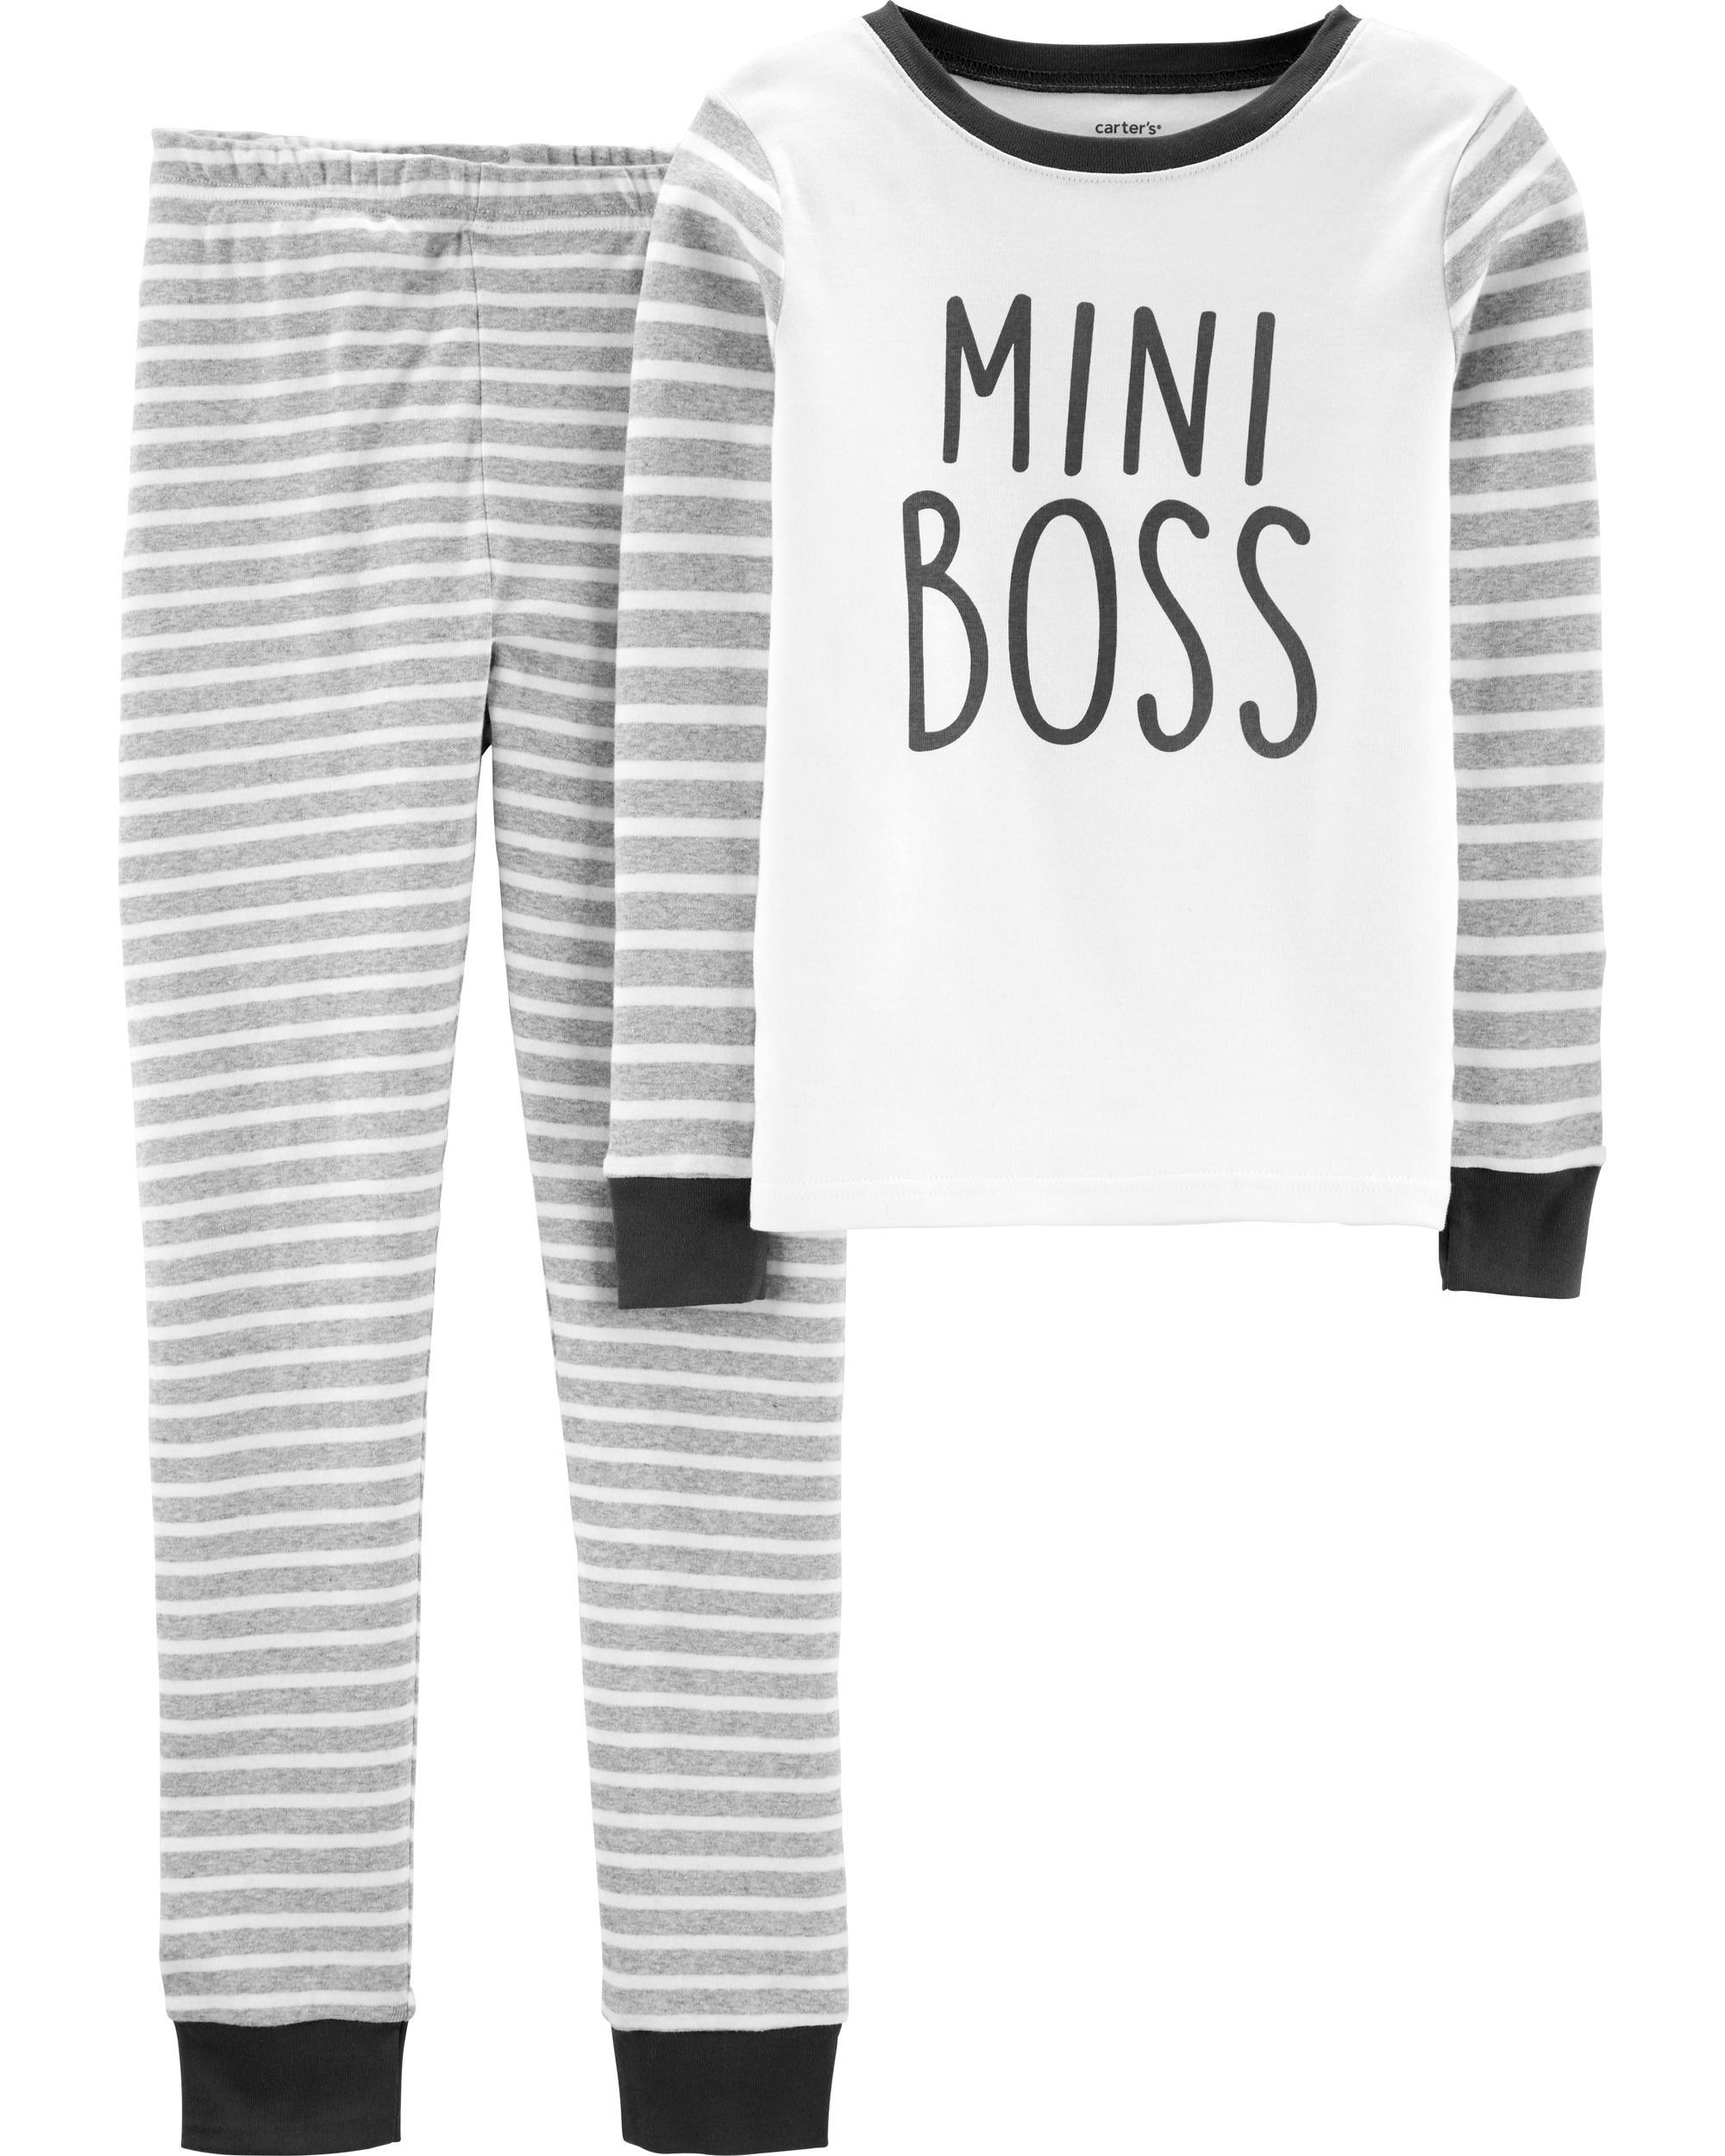 0778a06187100 2-Piece Mini Boss Snug Fit Cotton PJs | carters.com